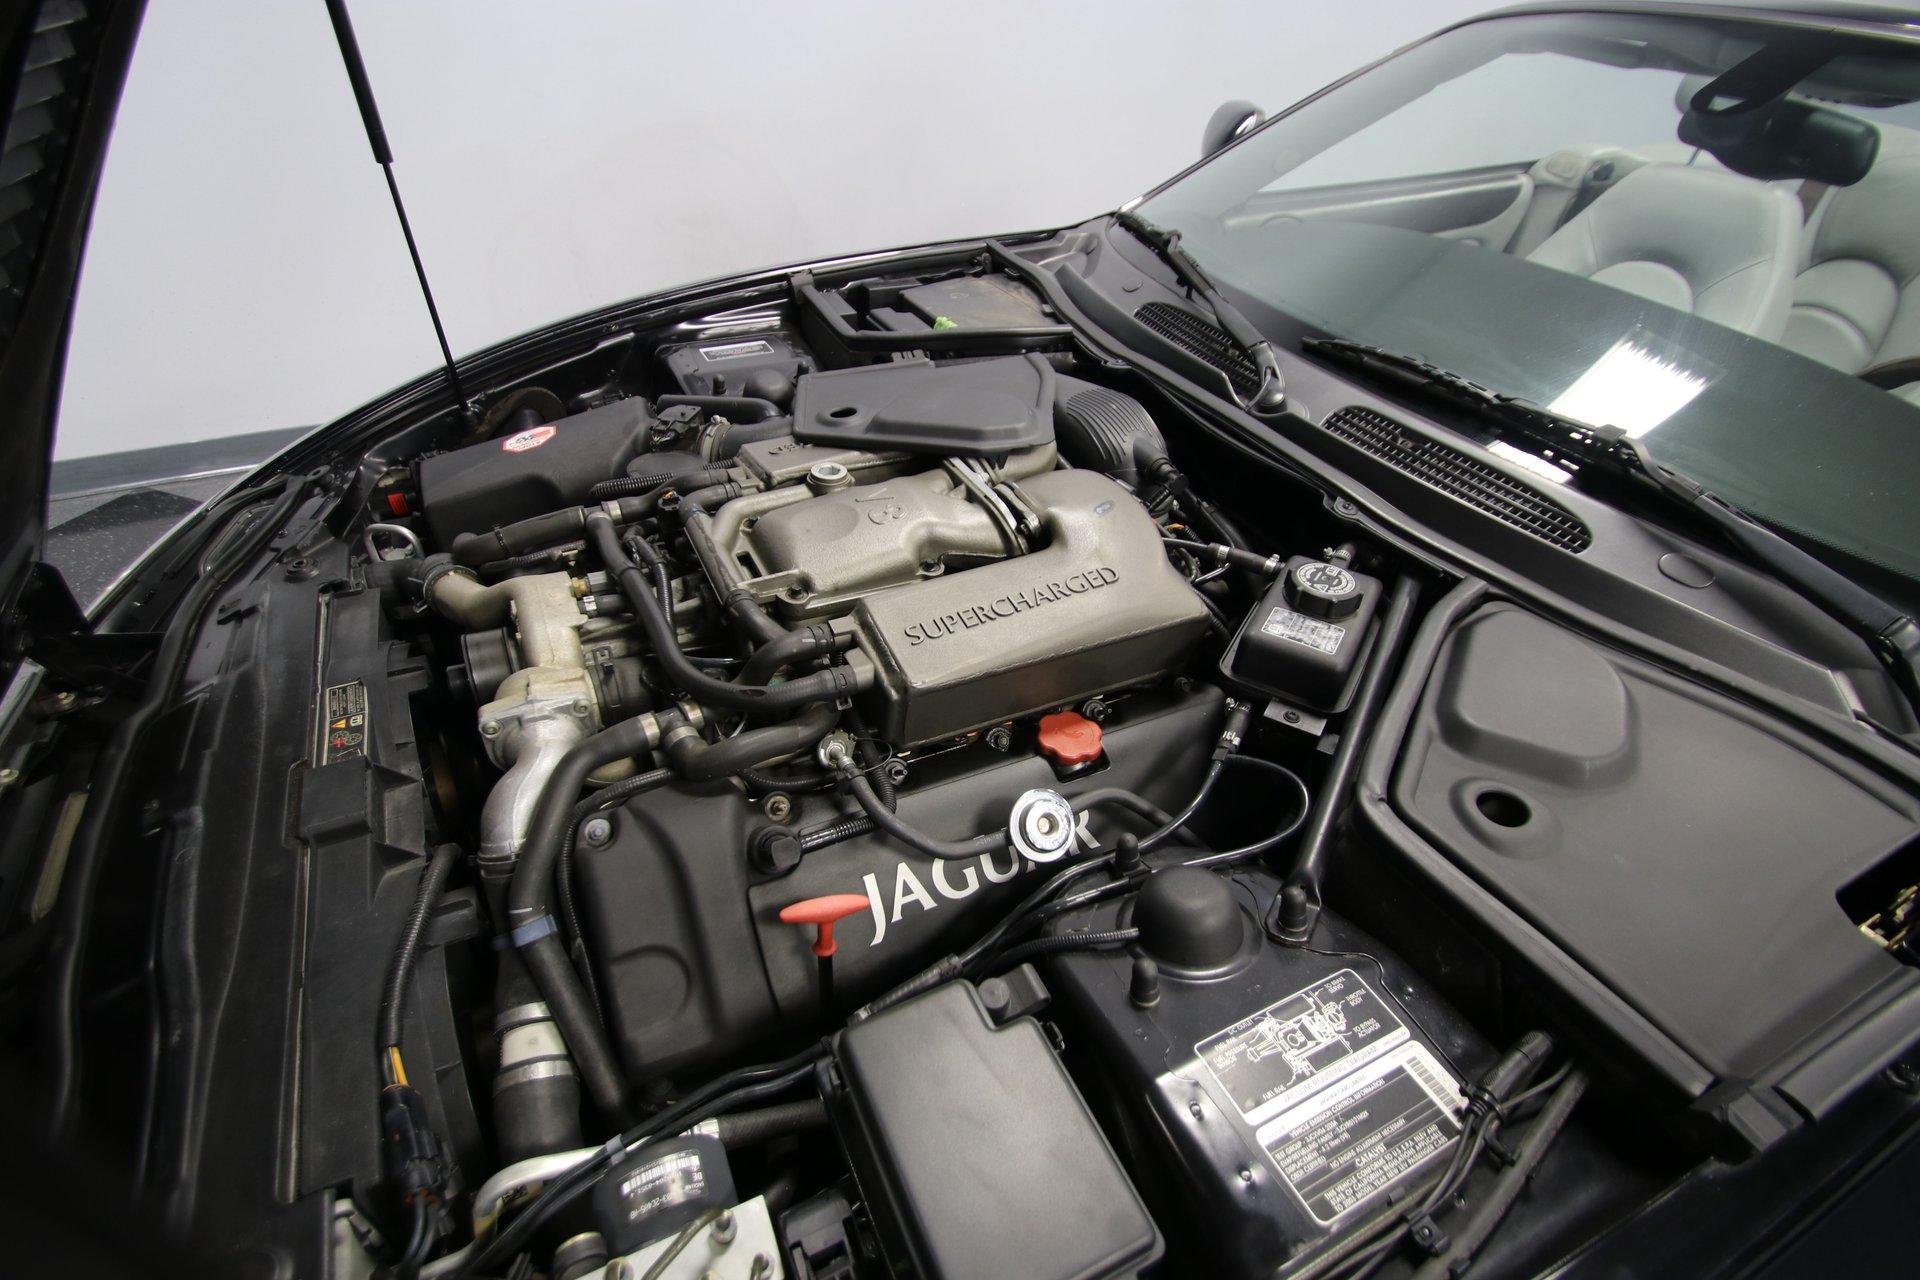 2003 jaguar xkr supercharged